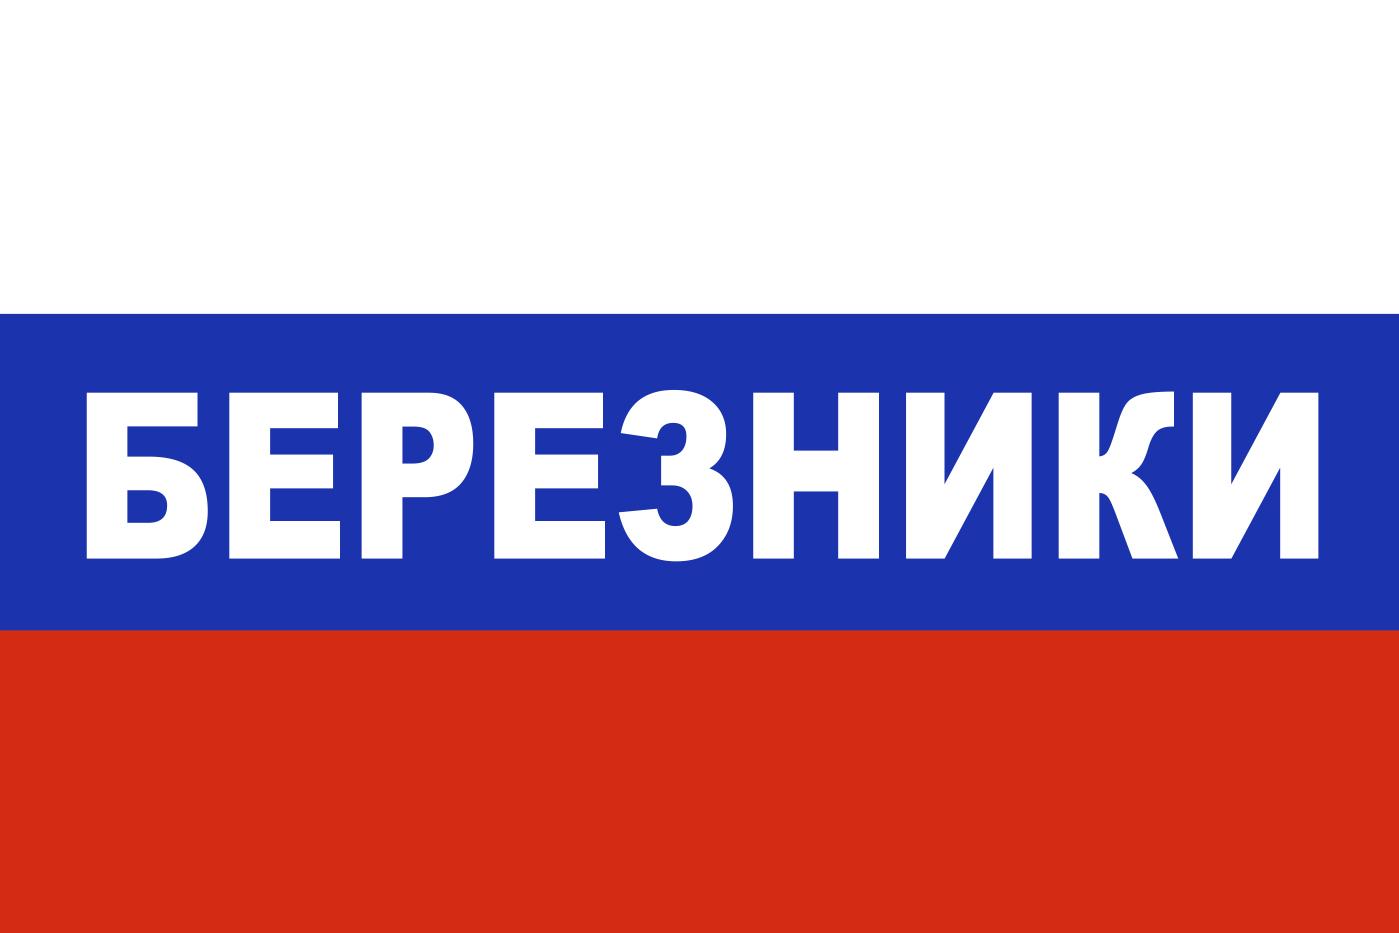 Флаг триколор Березники